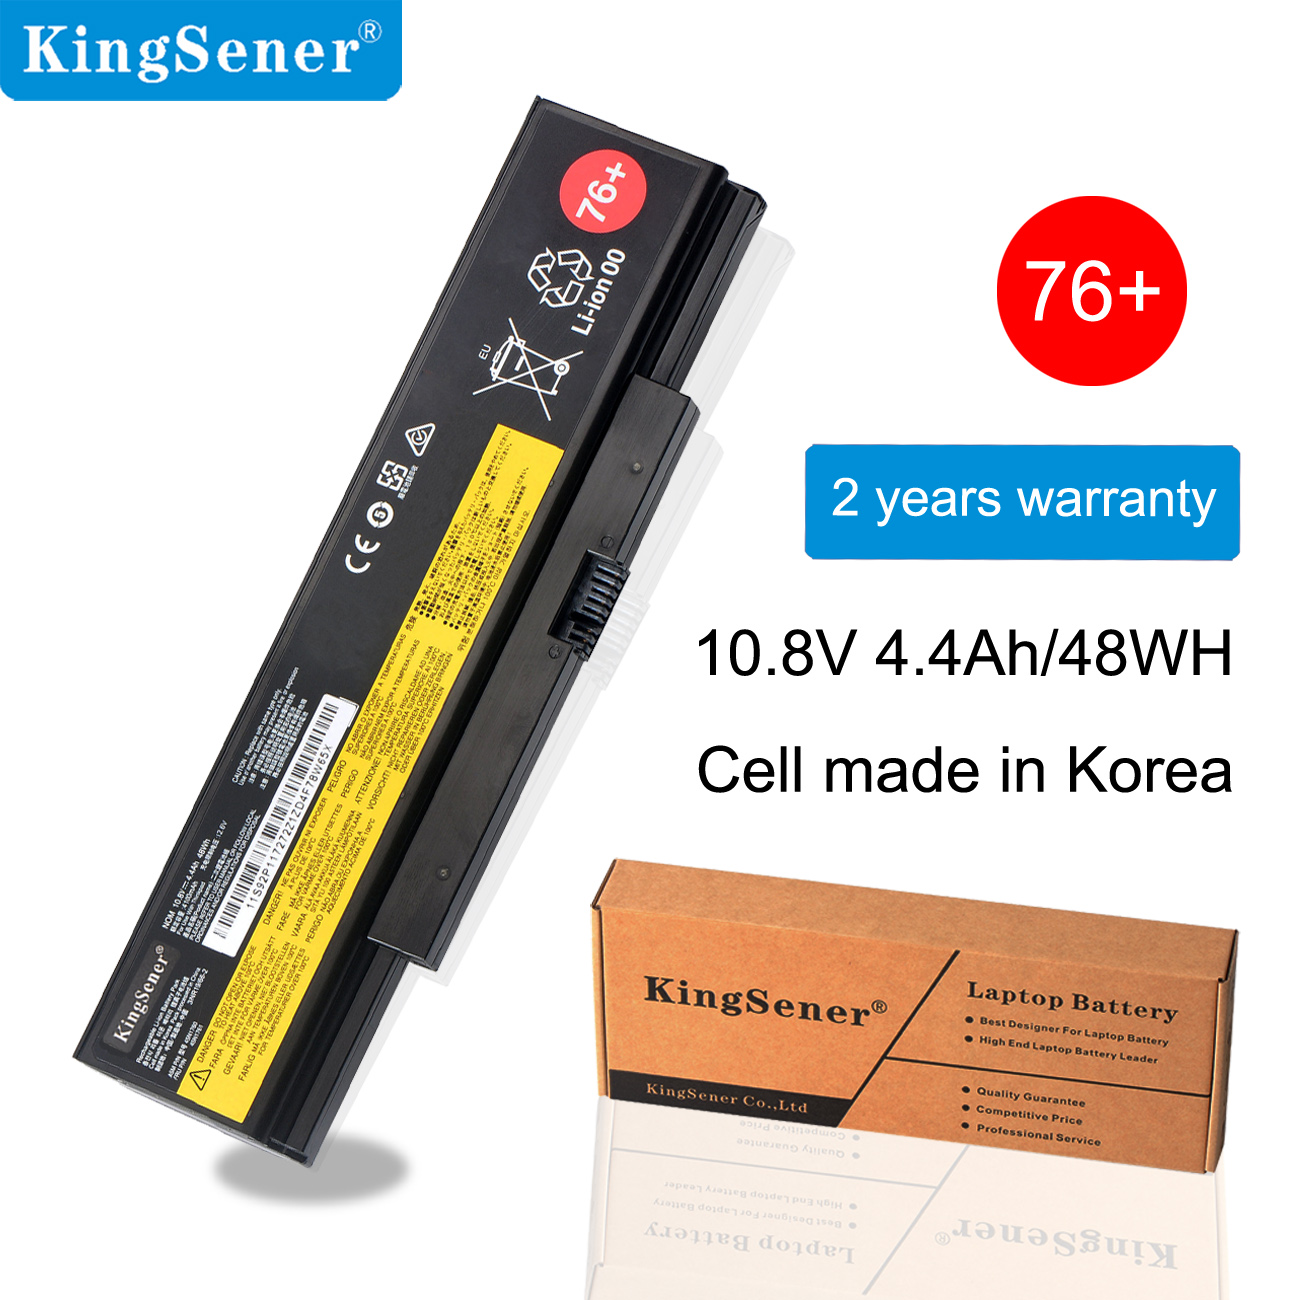 KingSener batterie d'ordinateur portable Pour Lenovo ThinkPad E555 E550 E550C E560 E565C 45N1759 45N1758 45N1760 45N1761 45N1762 45N17 48WH